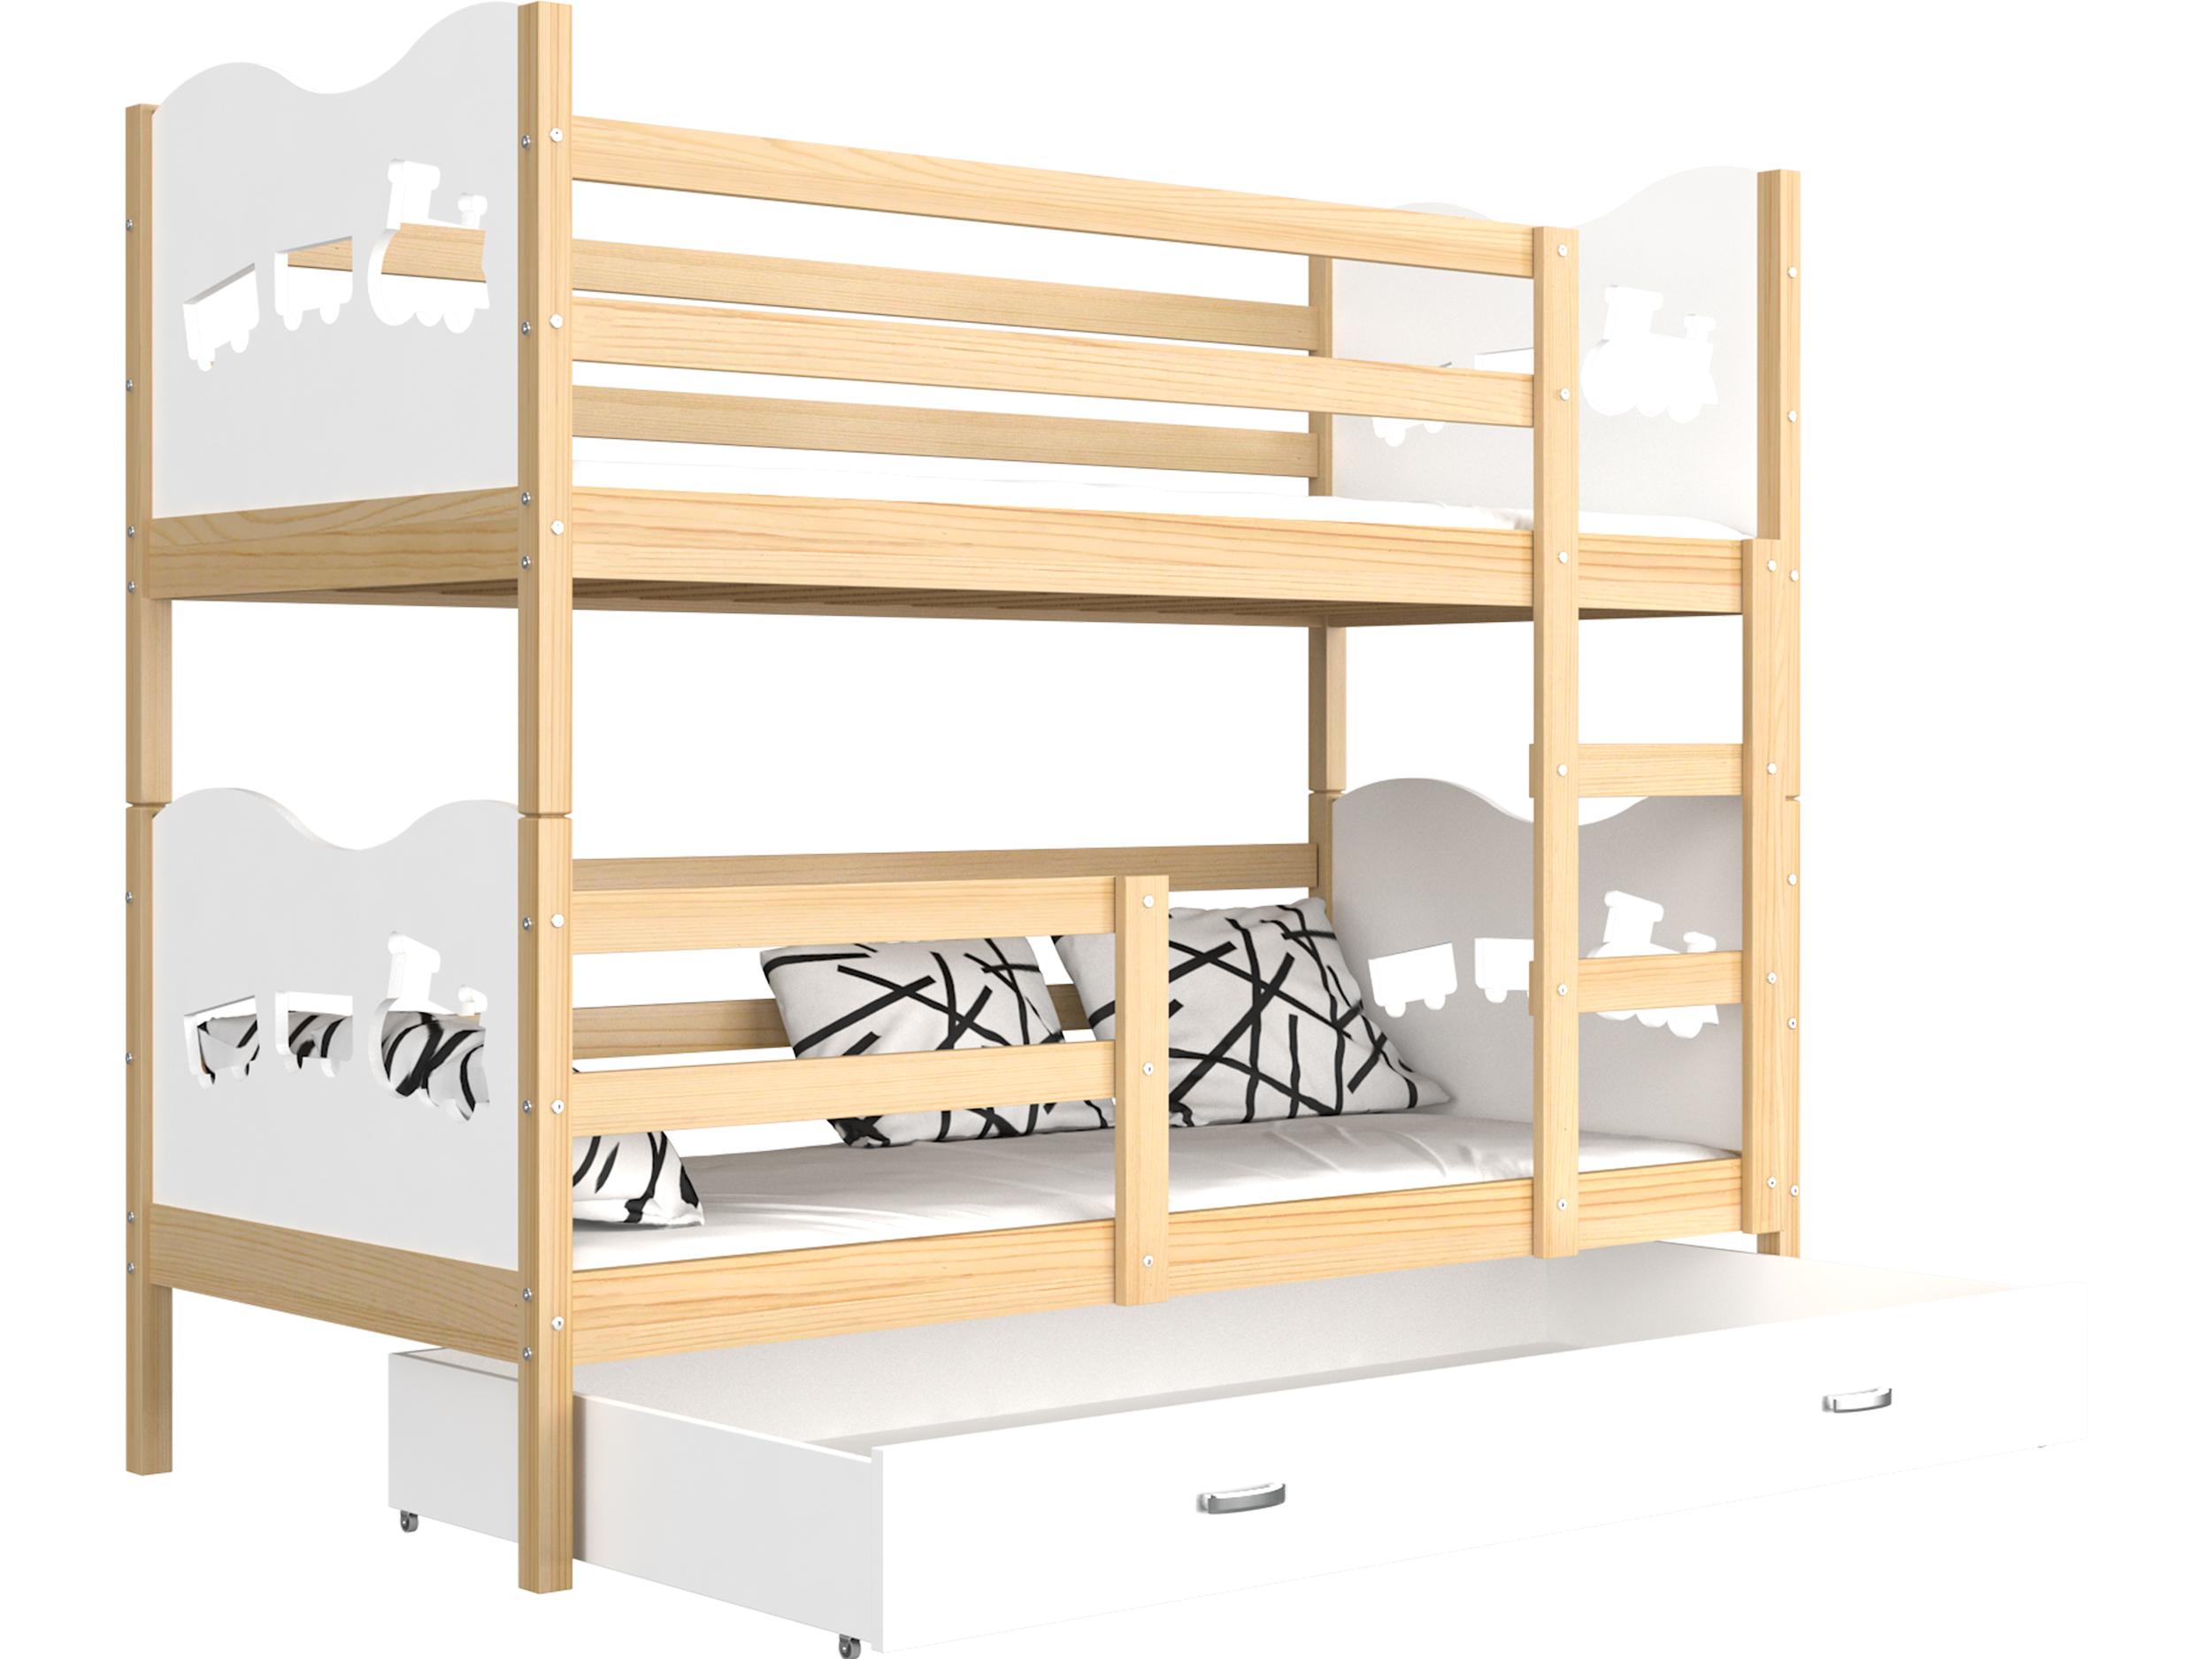 ArtAJ Detská poschodová posteľ MAX drevo / MDF 200 x 90 cm Farba: Borovica / biela 200 x 90 cm, s matracom